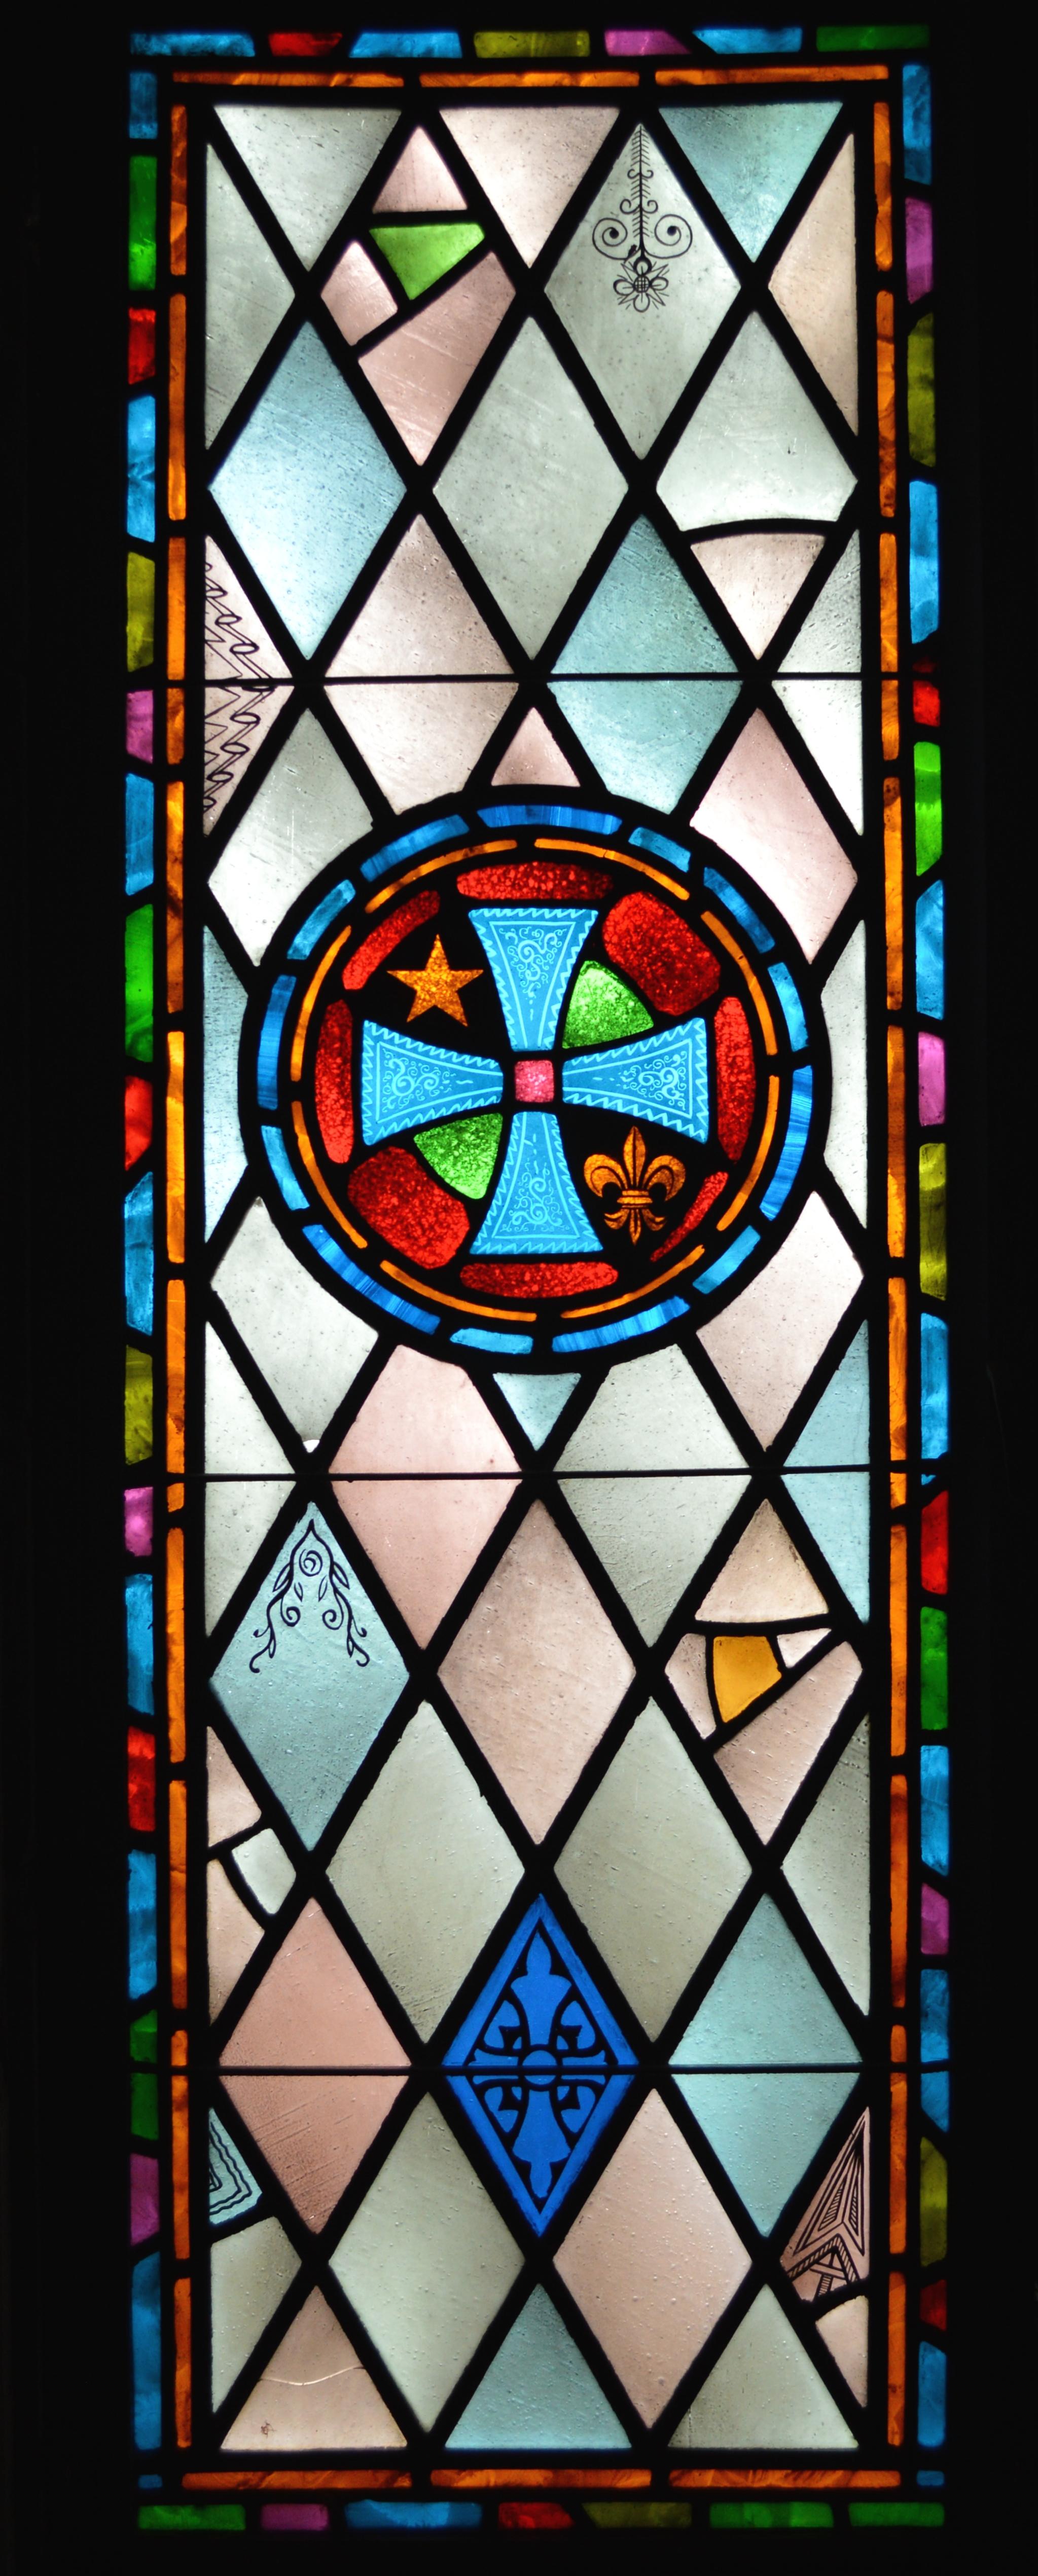 chapel-at-lake-junaluska_15063878401_o.jpg